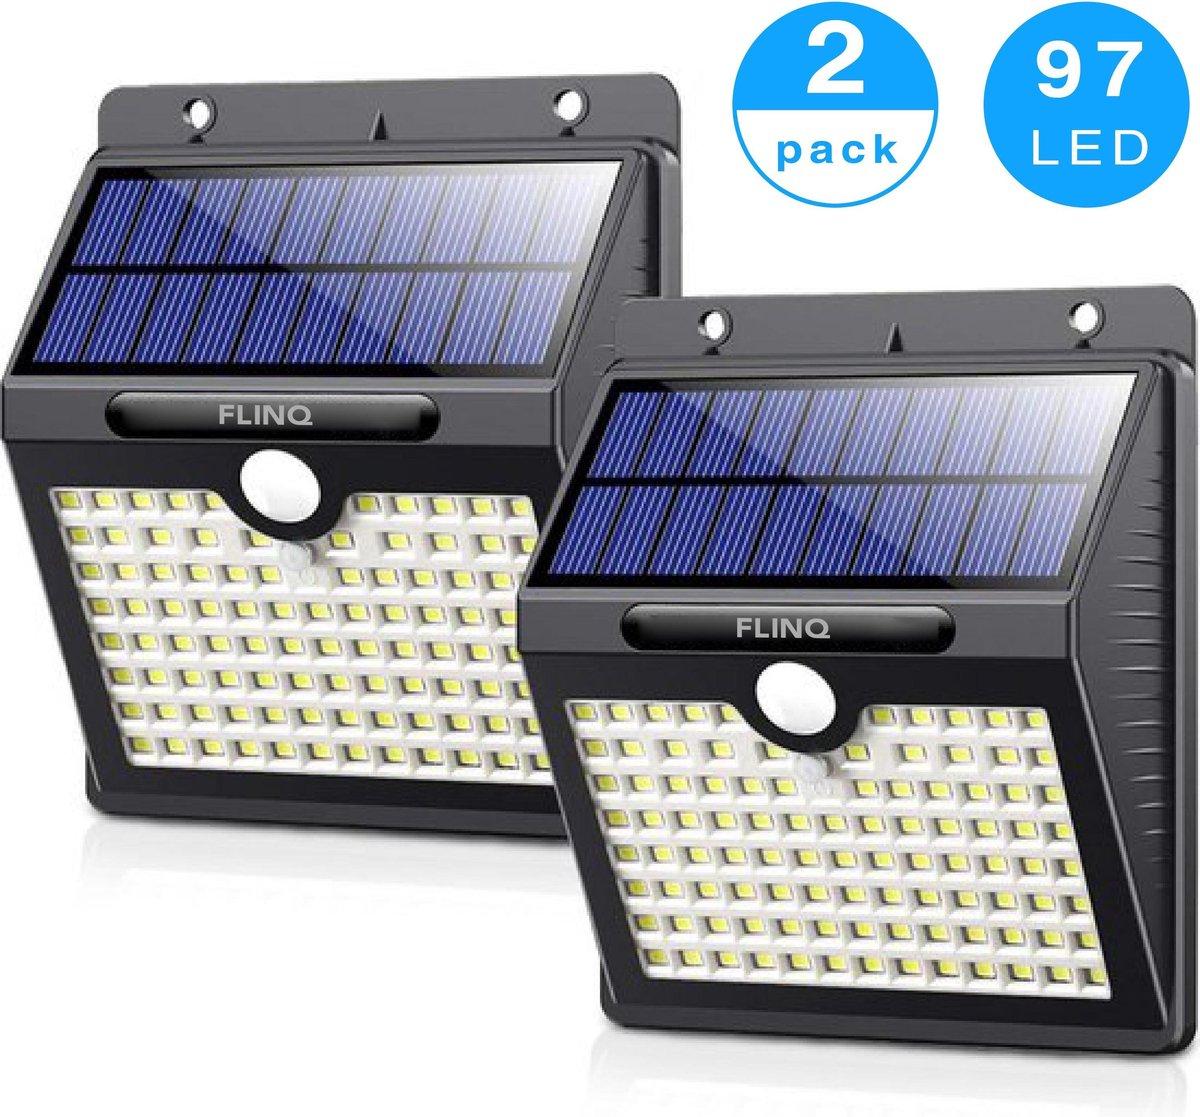 FlinQ Solar Buitenlamp met Bewegingssensor - 97 LEDs - Wit Licht -Tuinverlichting op Zonneenergie -